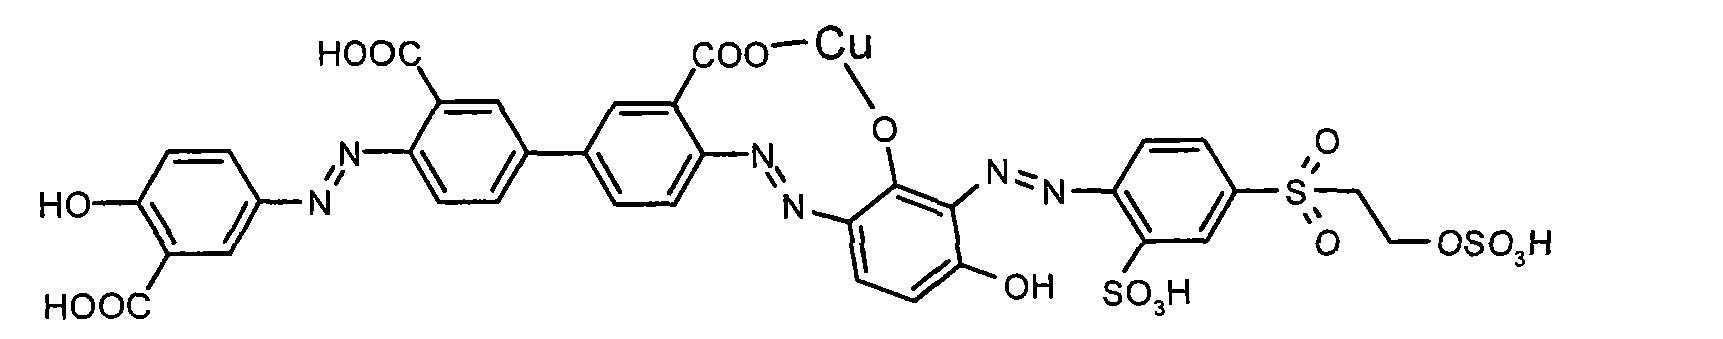 Figure CN101891967BD00831